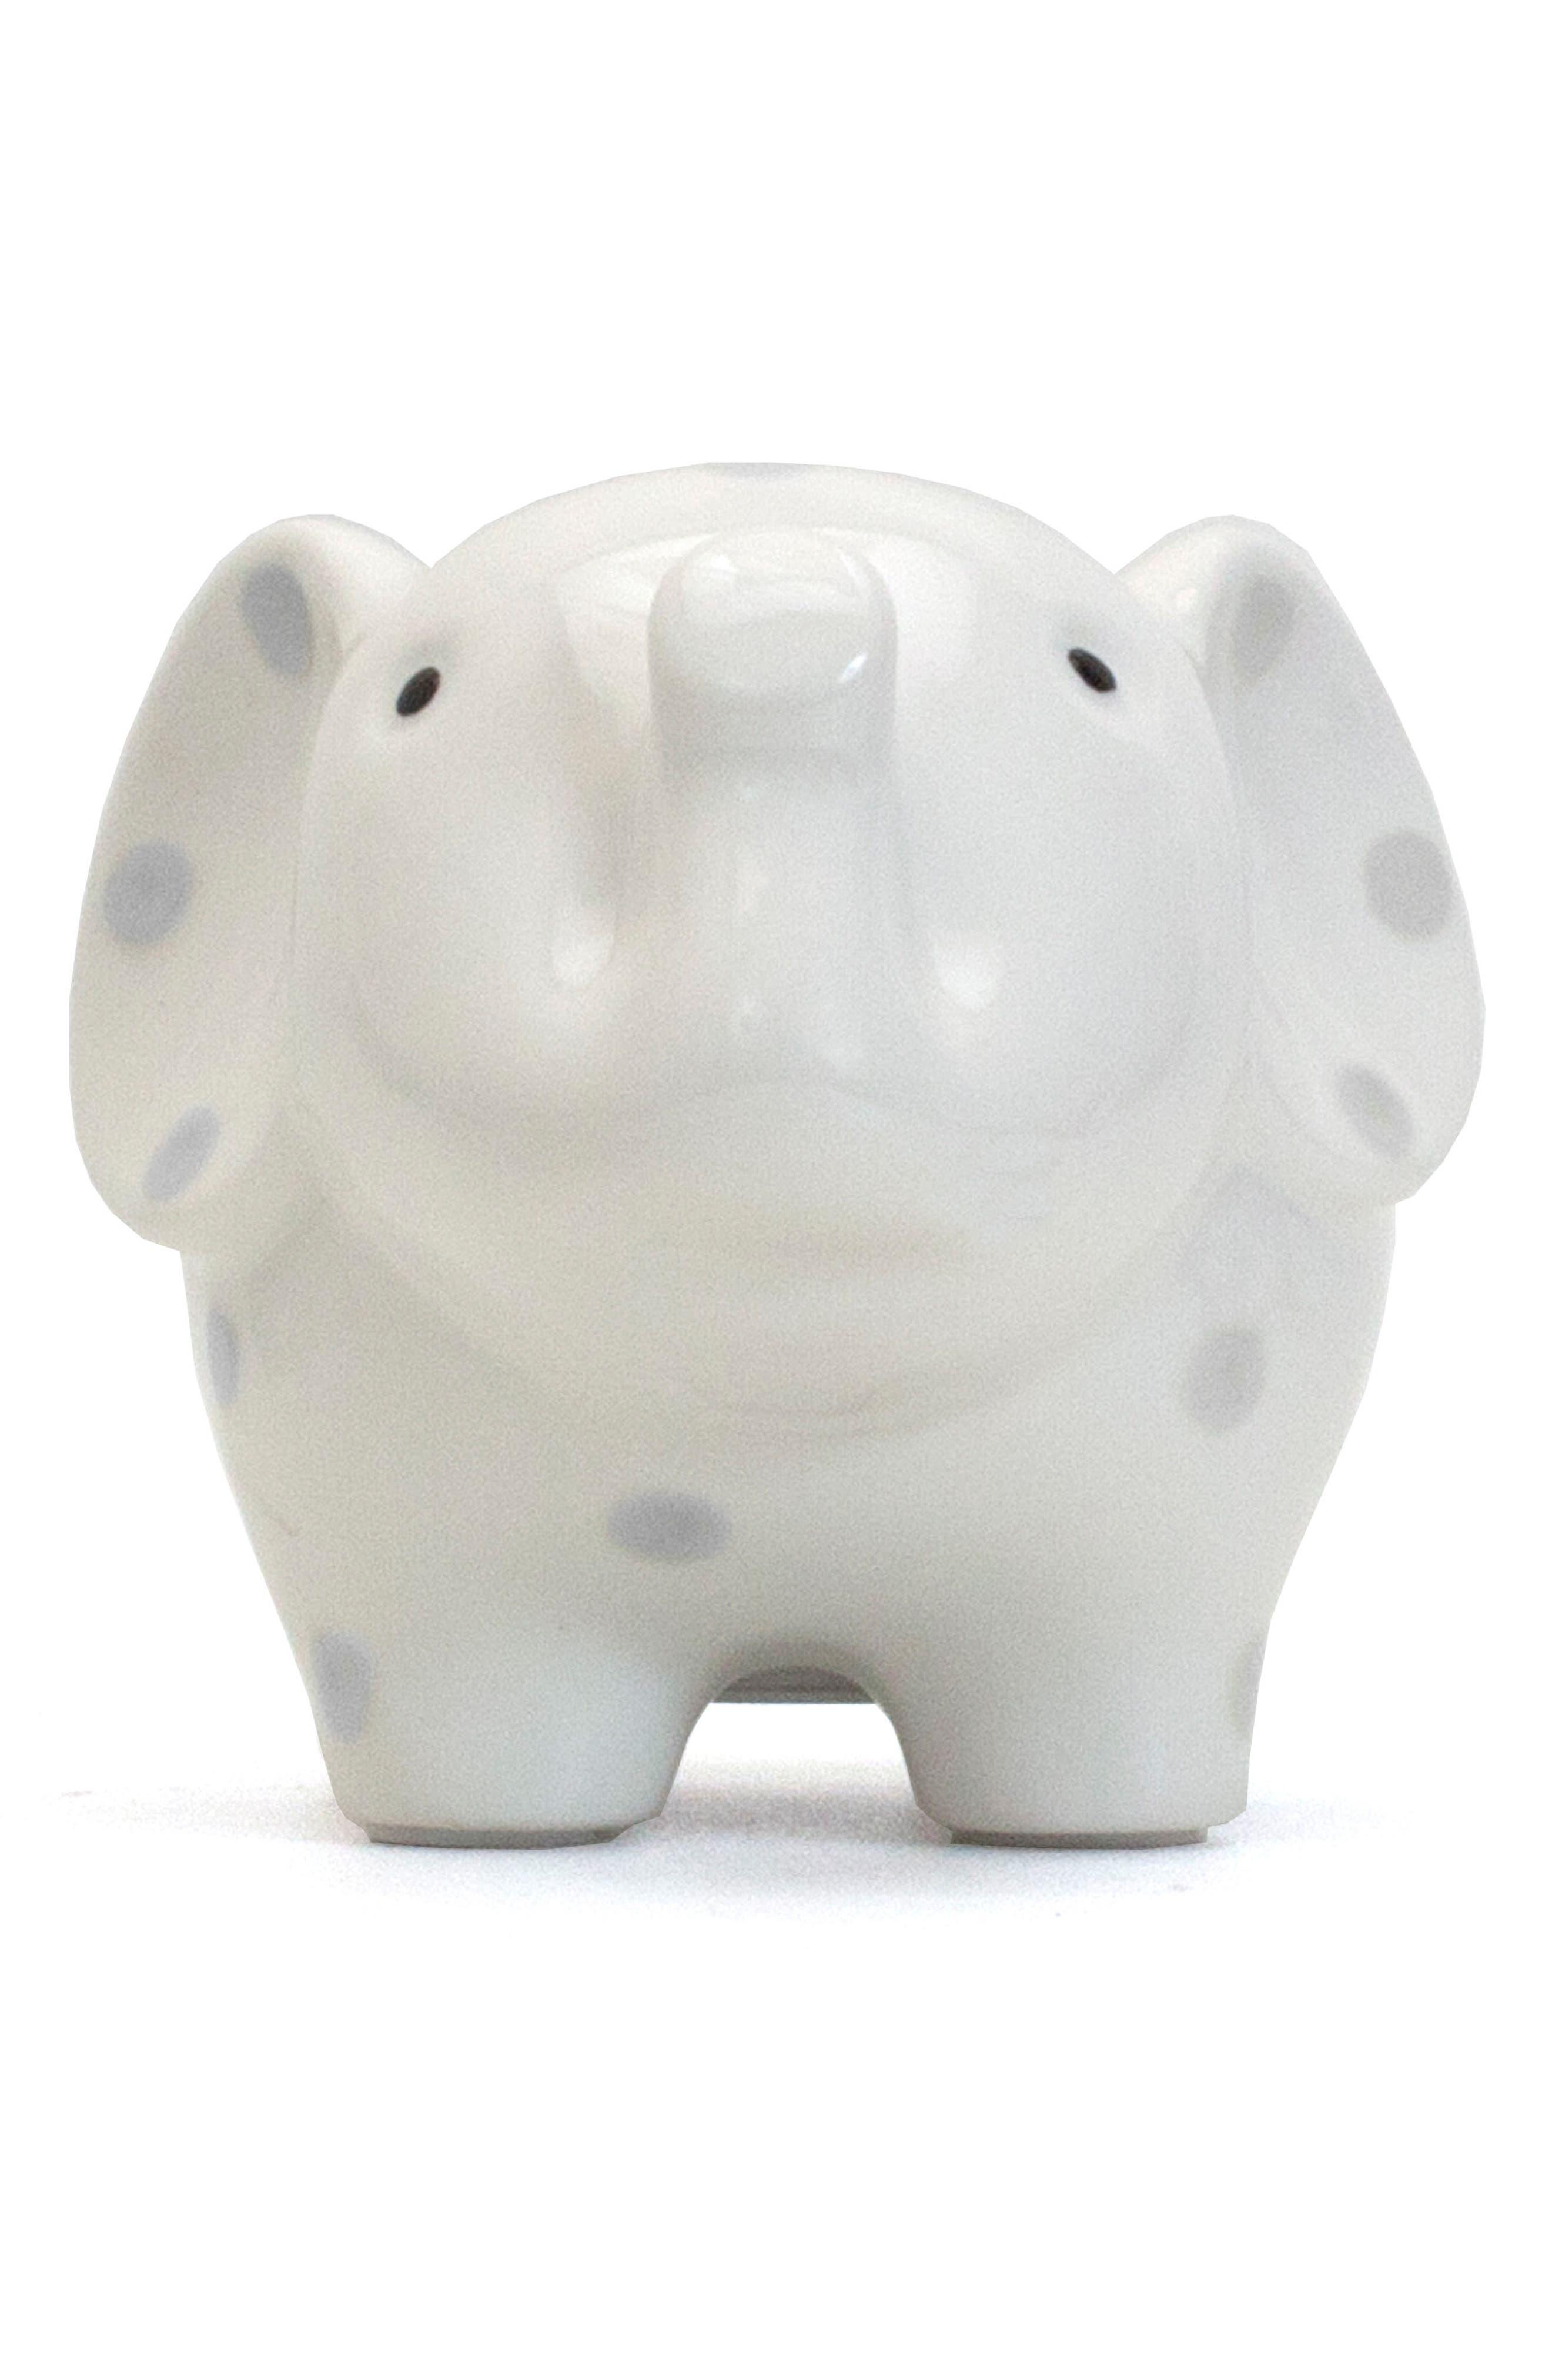 Polka Dot Elephant Bank,                             Alternate thumbnail 2, color,                             020